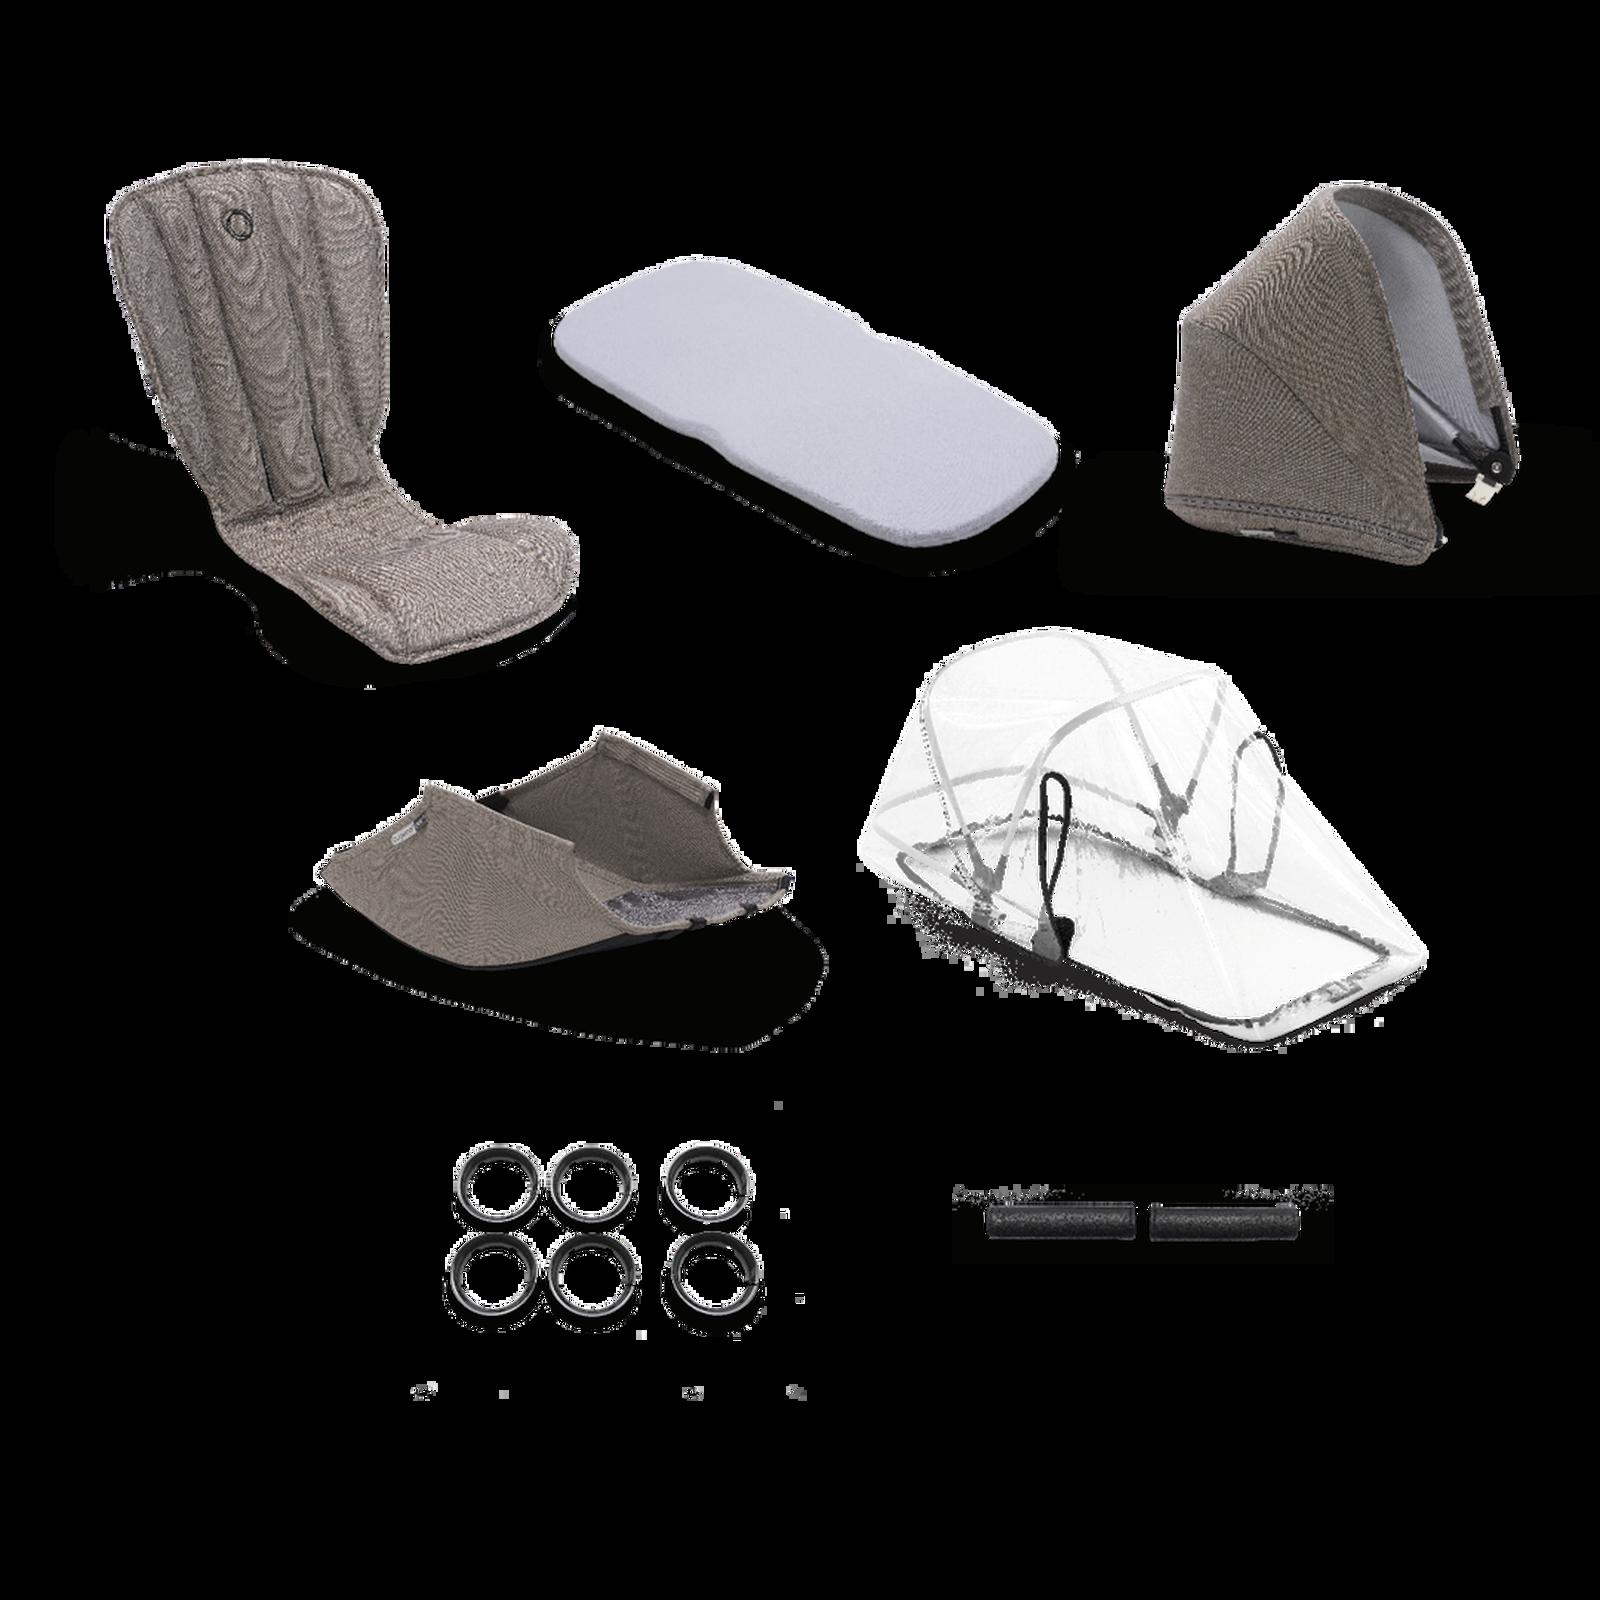 バガブー ビー 5 スタイルセットコンプリート